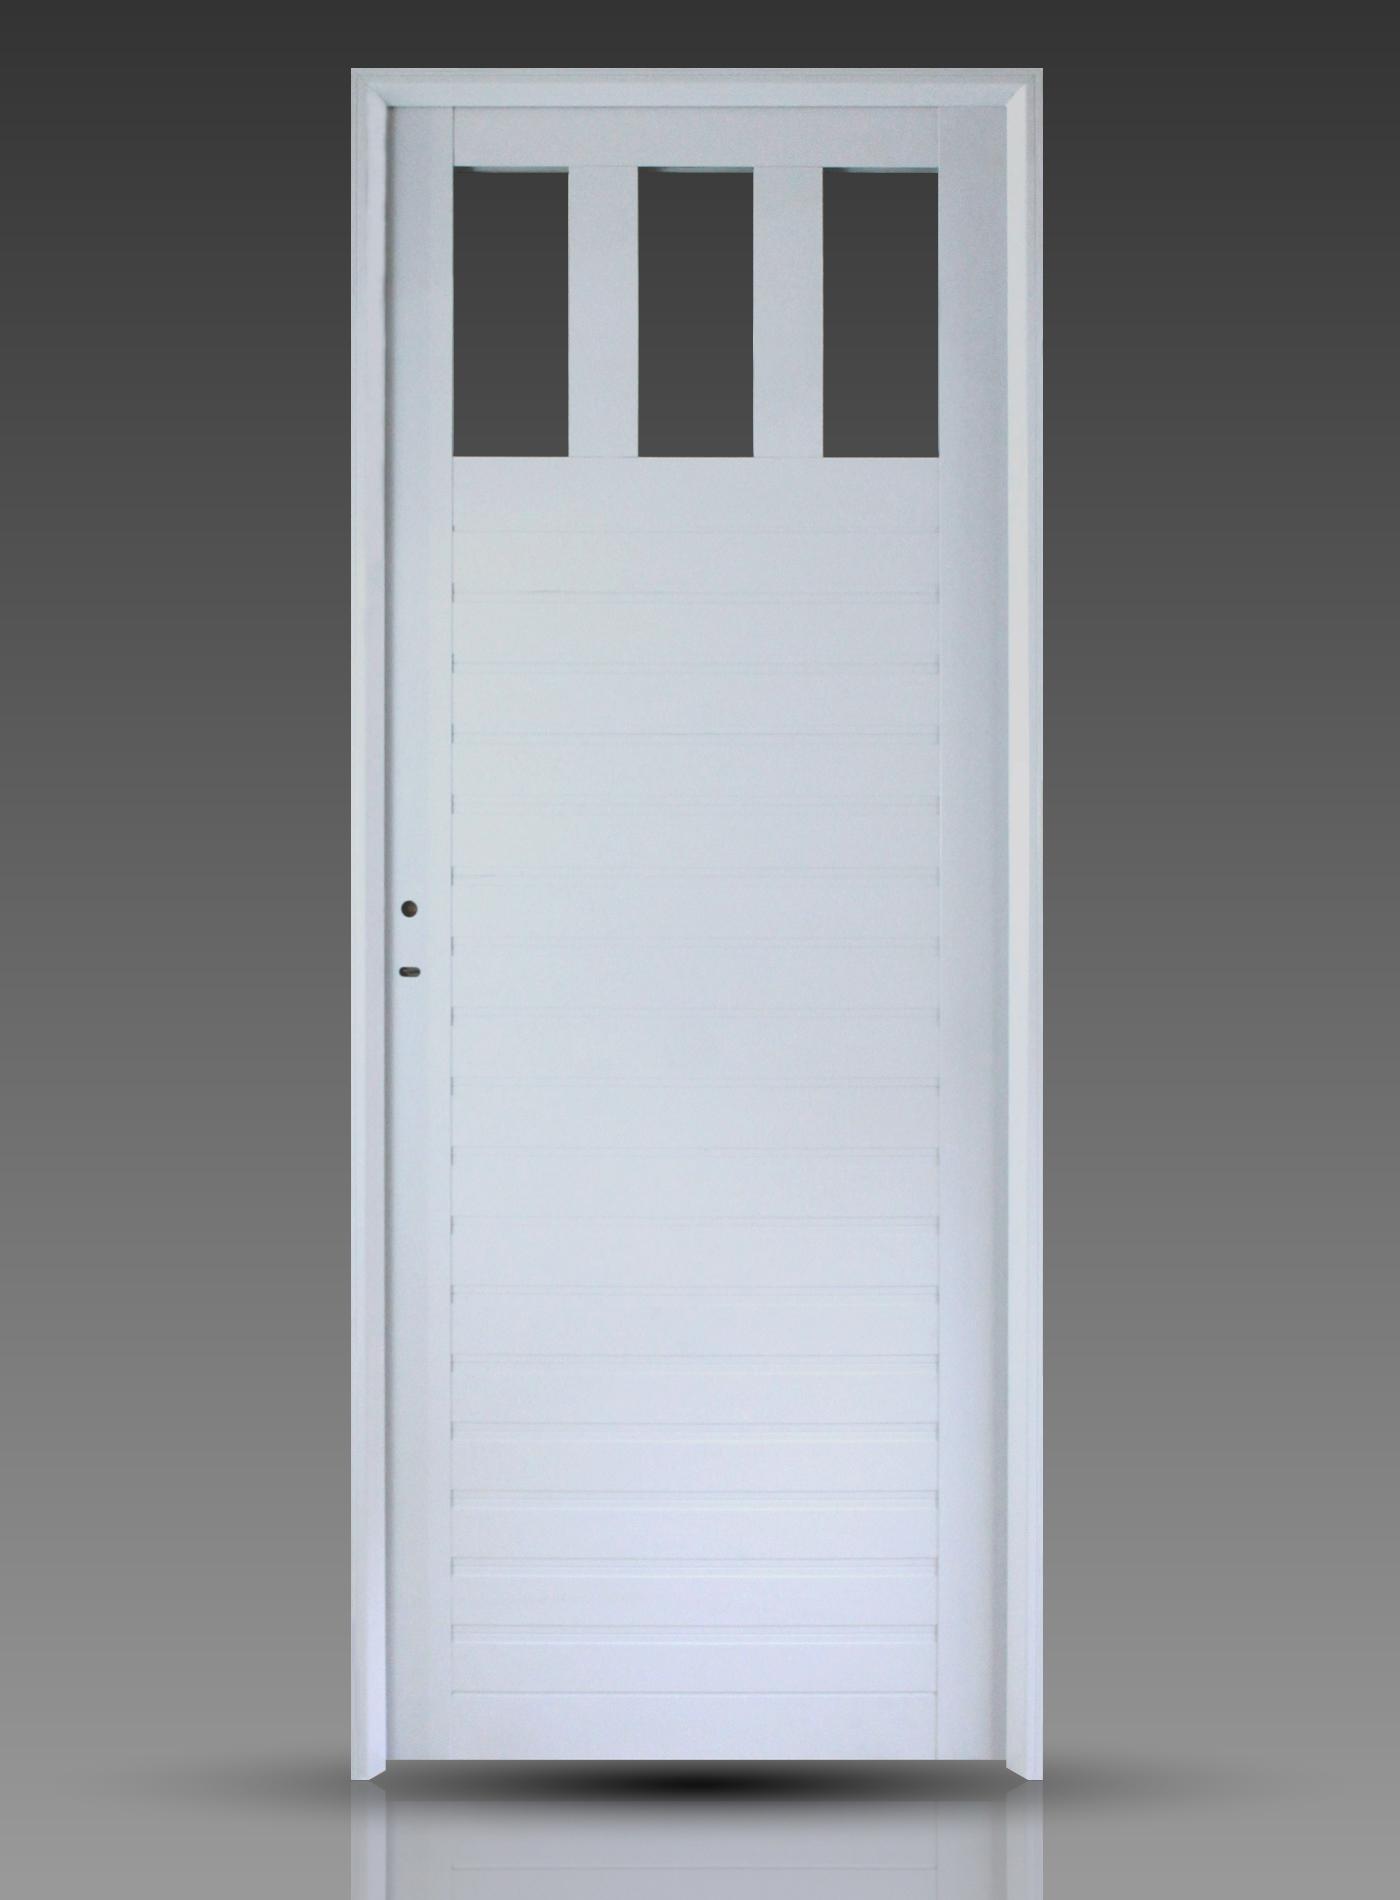 Aberturas mitre aluminio linea basica tipo herrero for Puertas diferentes